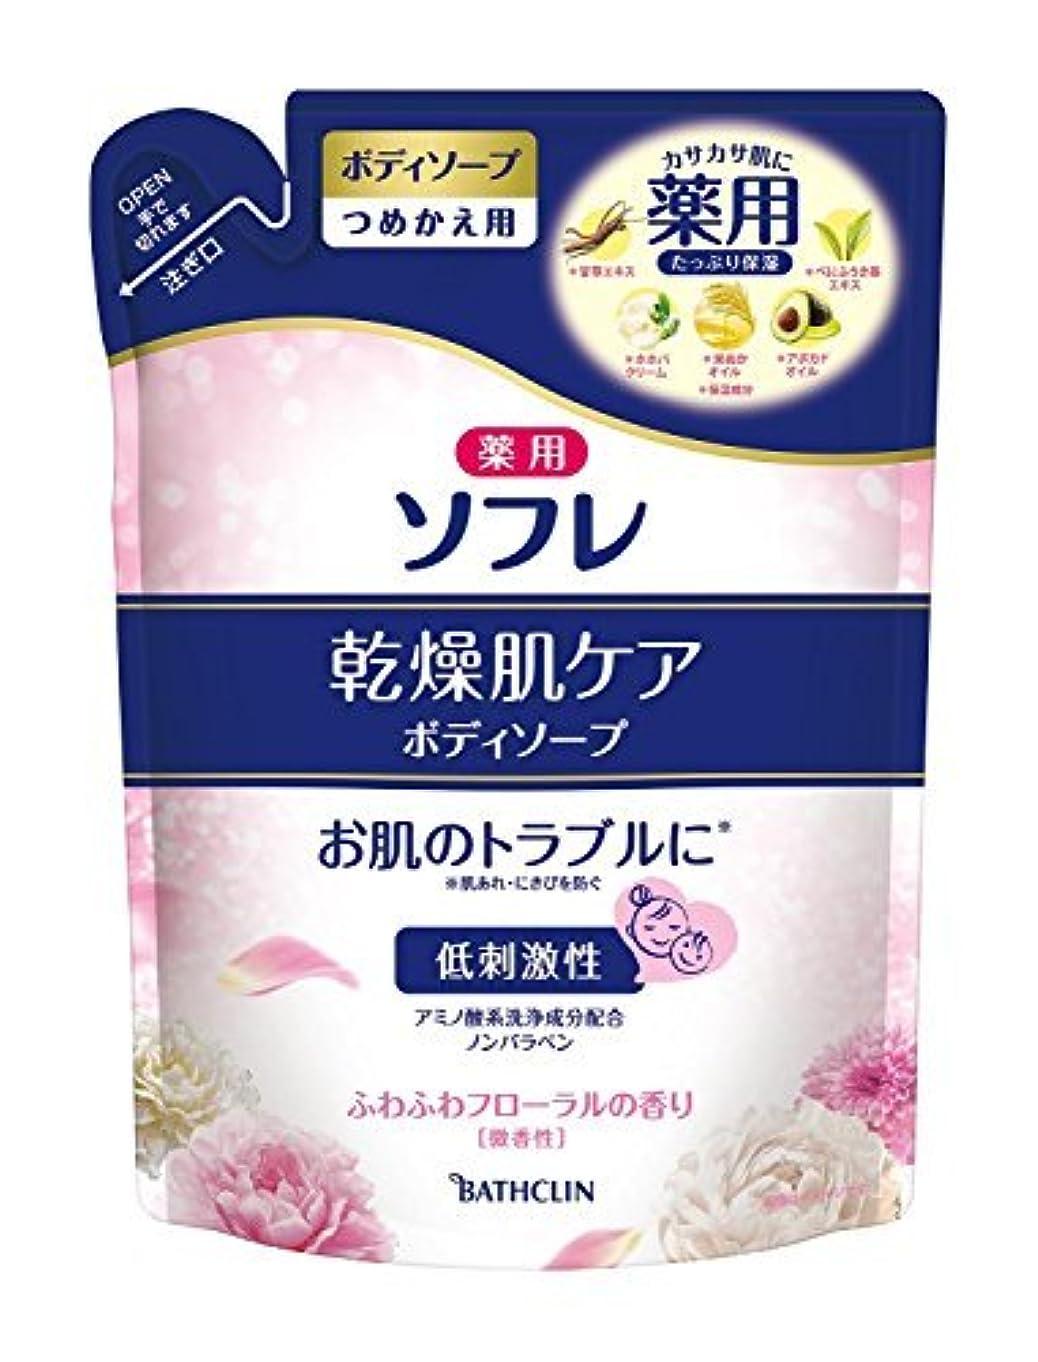 アクセル月曜日湿った薬用ソフレ 乾燥肌ケアボディ詰替 × 12個セット